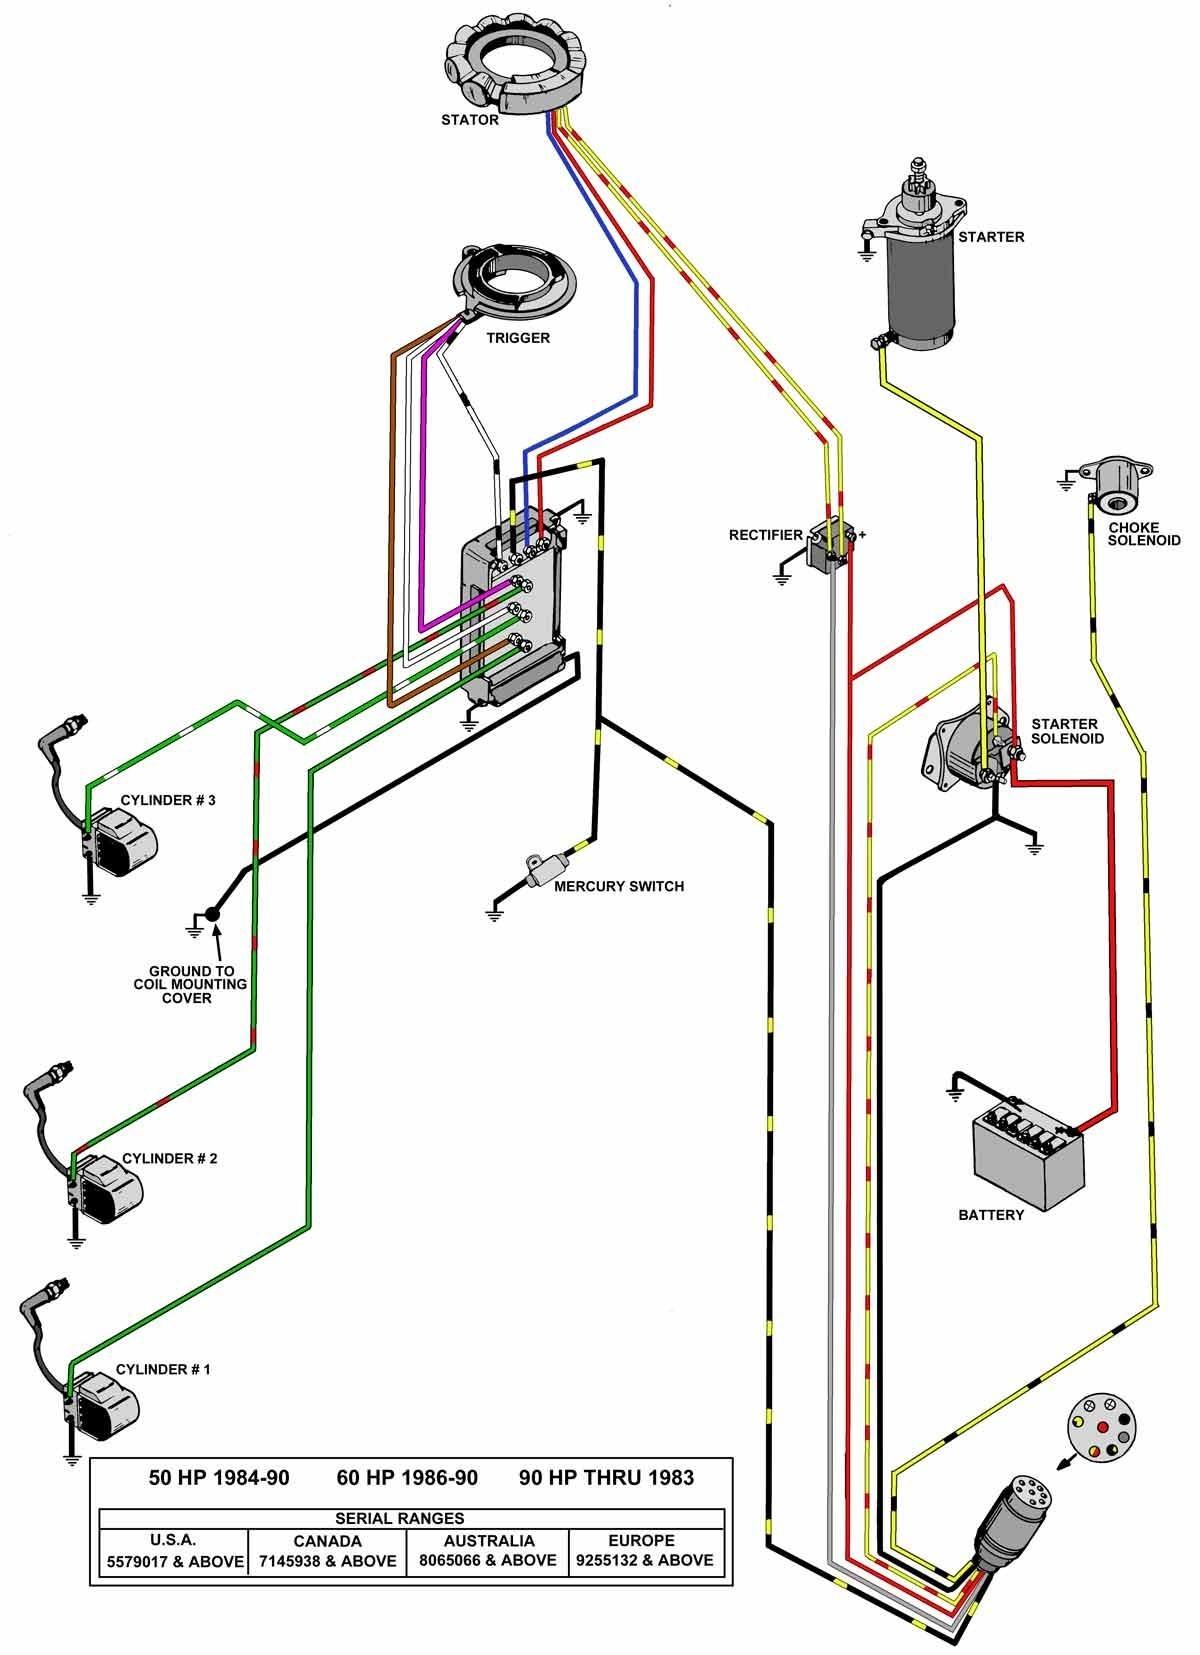 suzuki df140 wiring diagram Collection-mercury force wiring diagrams anything wiring diagrams u2022 rh johnparkinson me Subaru Wiring Harness Diagram 1990 Suzuki 750 Intruder Wiring Diagram 2-r